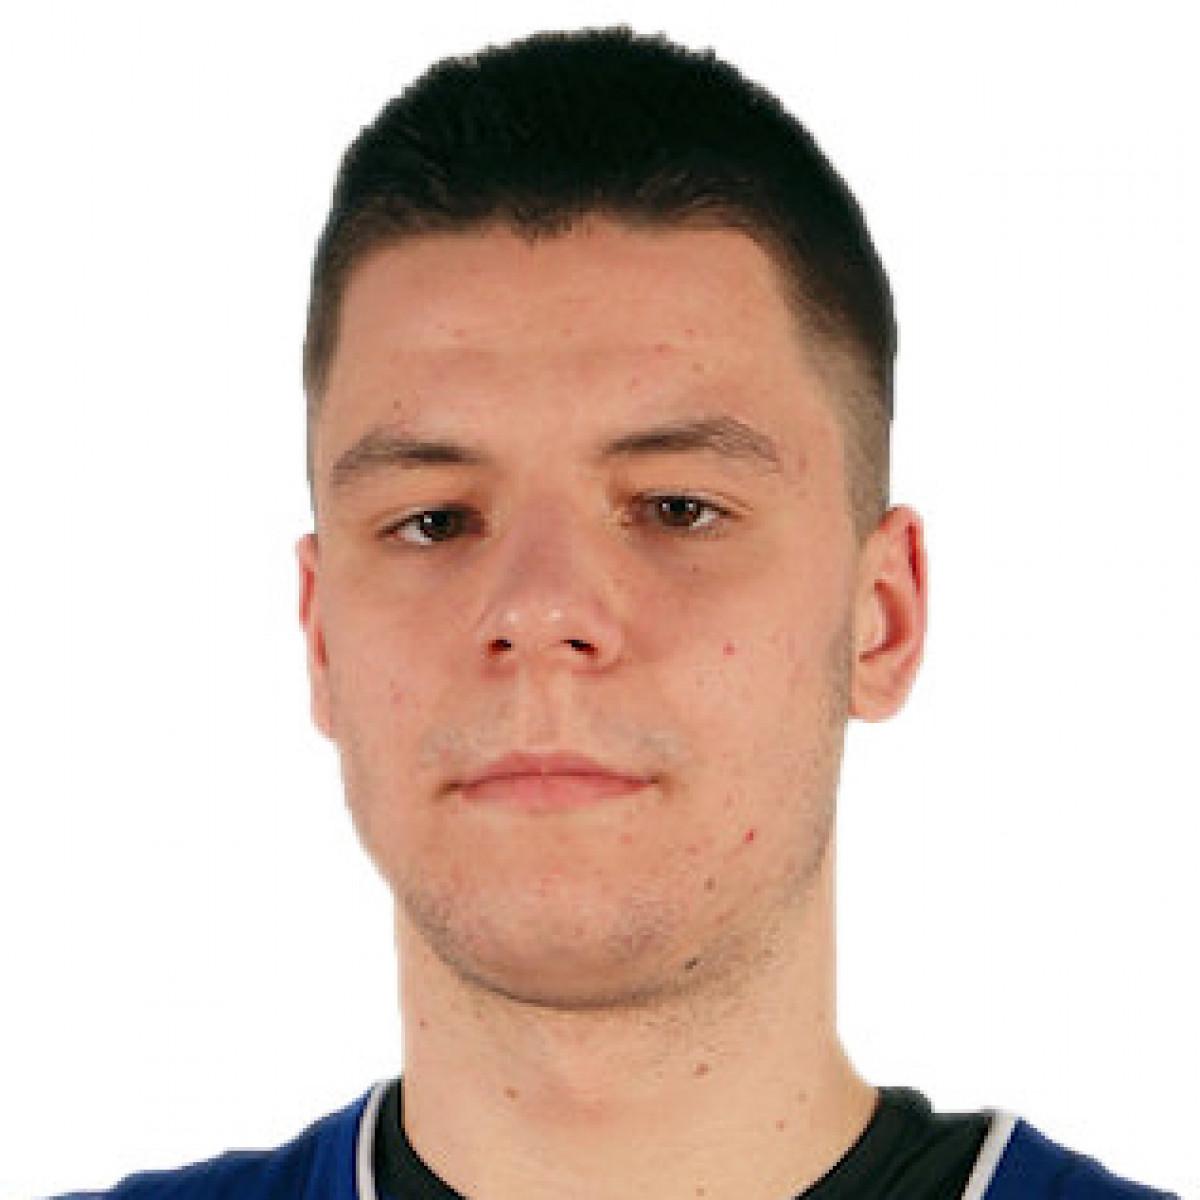 Danijel Sedlo